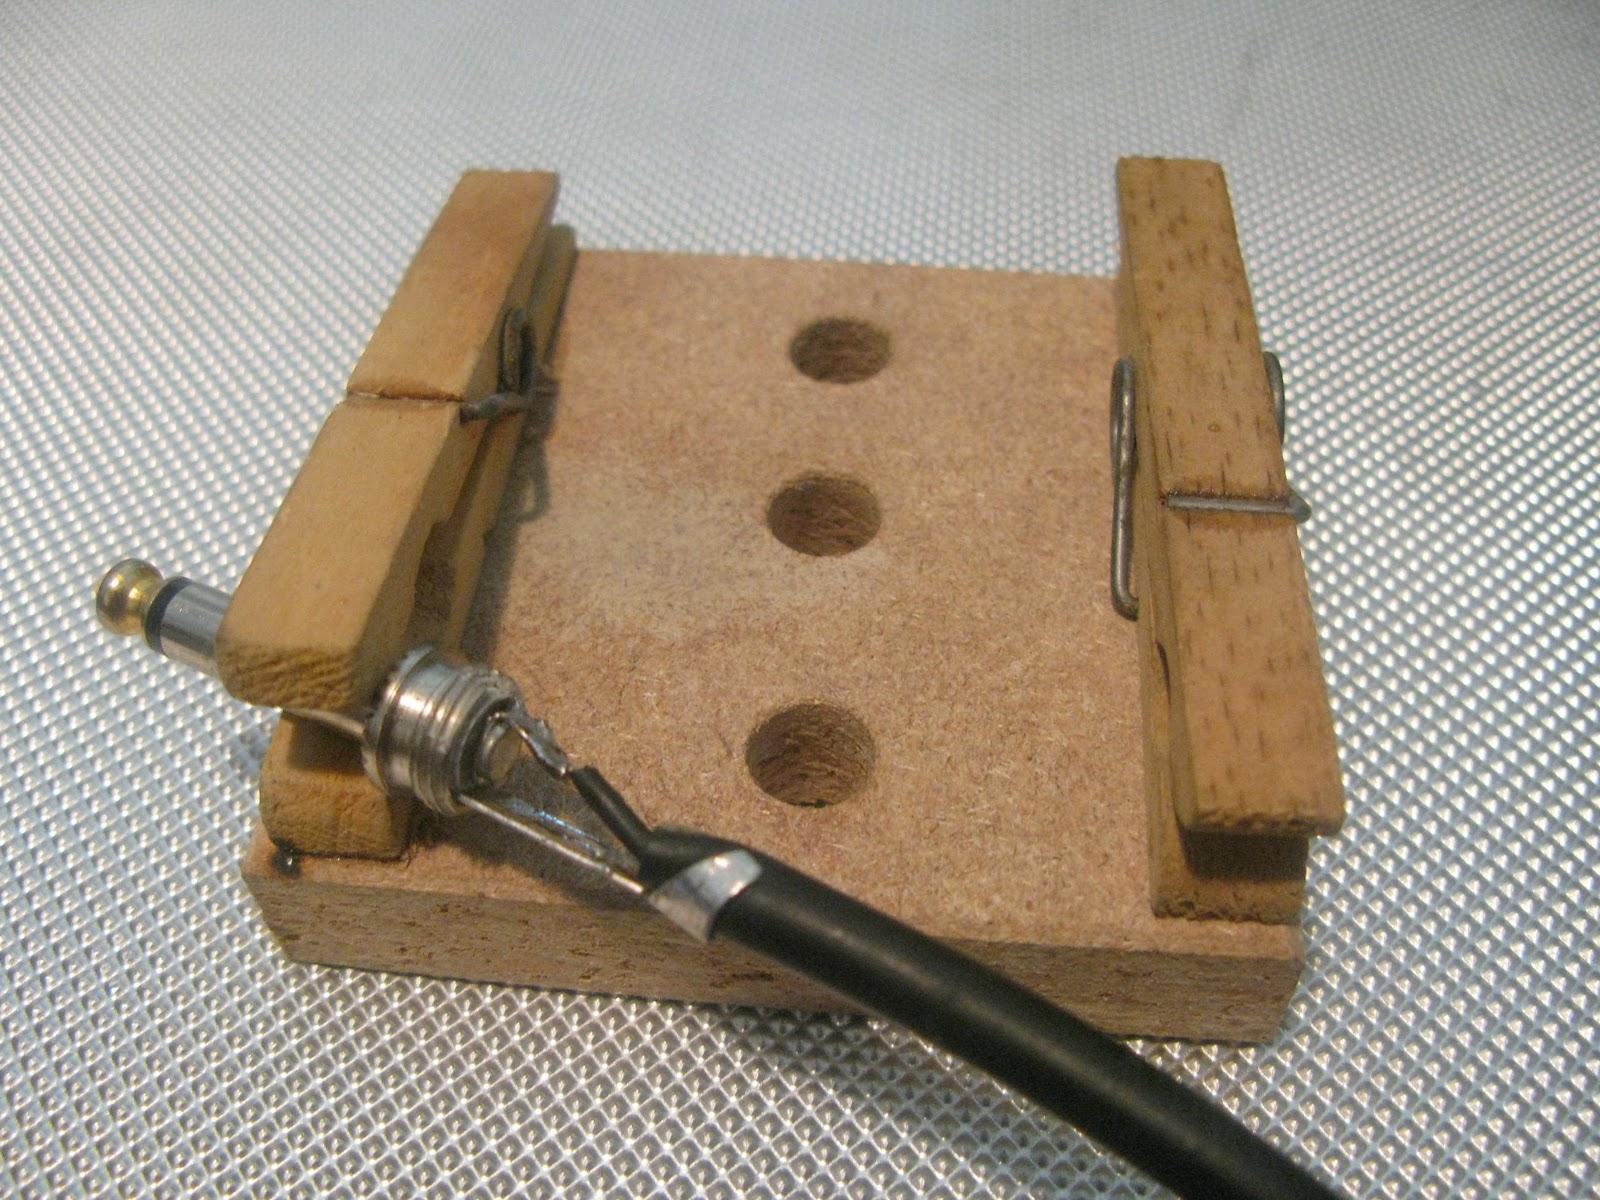 um suporte menor com um jacarezinho de multímetro preso num a  #634B30 1600x1200